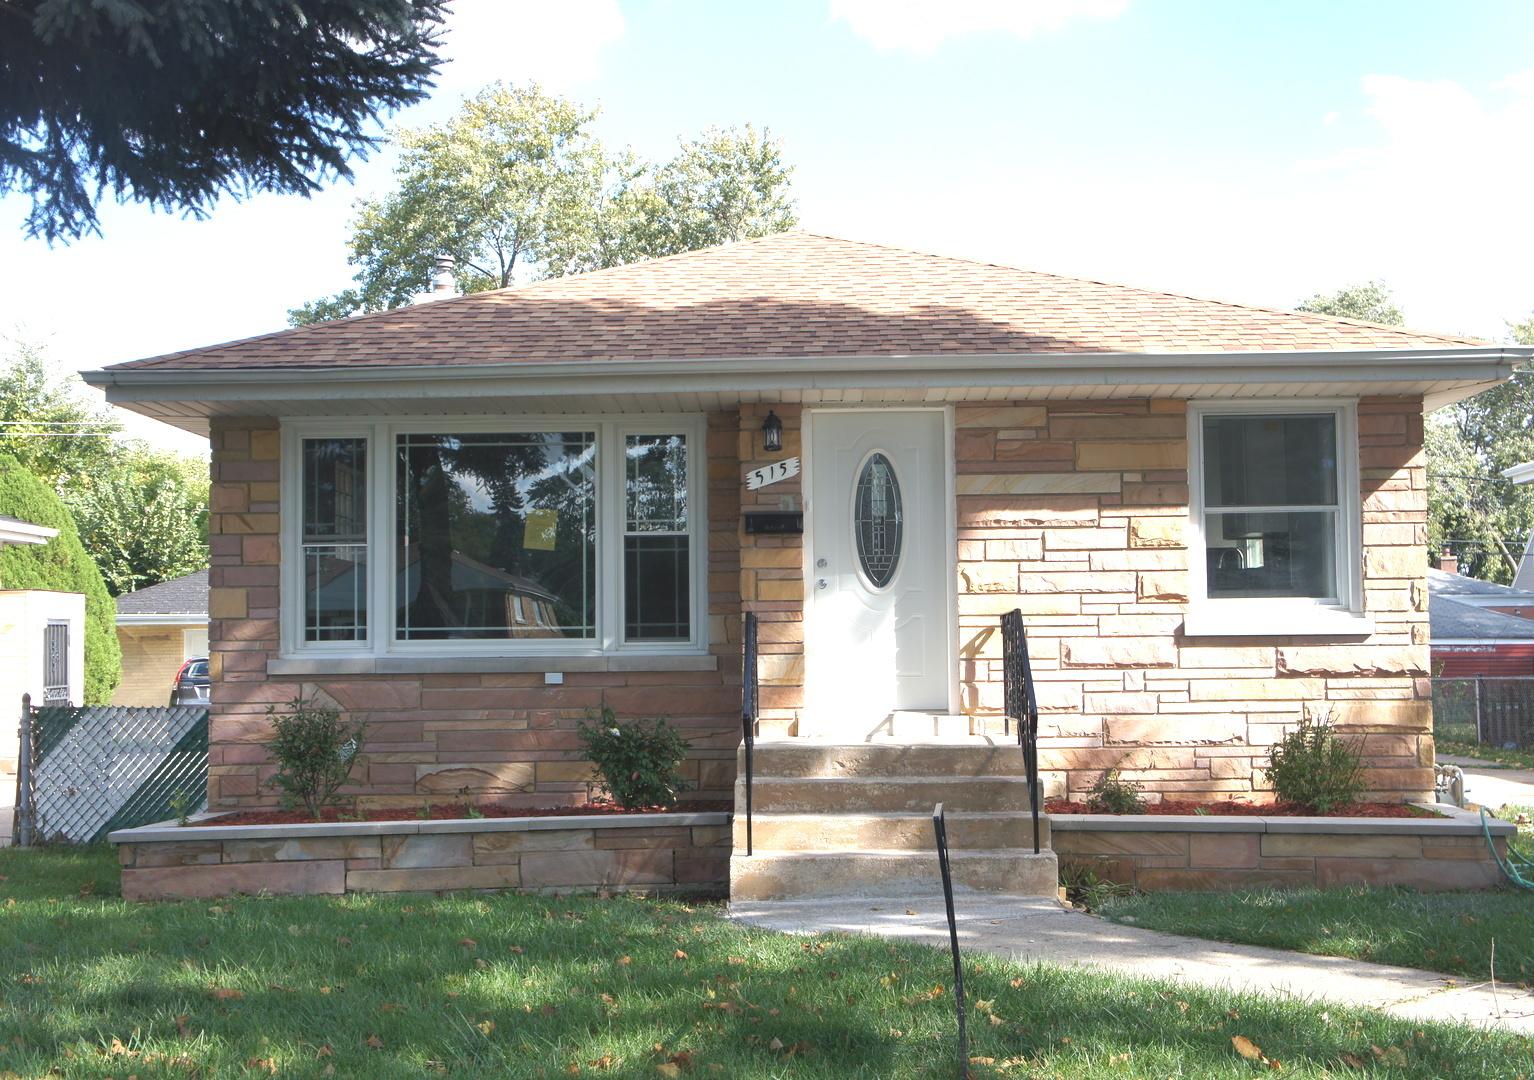 515 Granville ,Bellwood, Illinois 60104